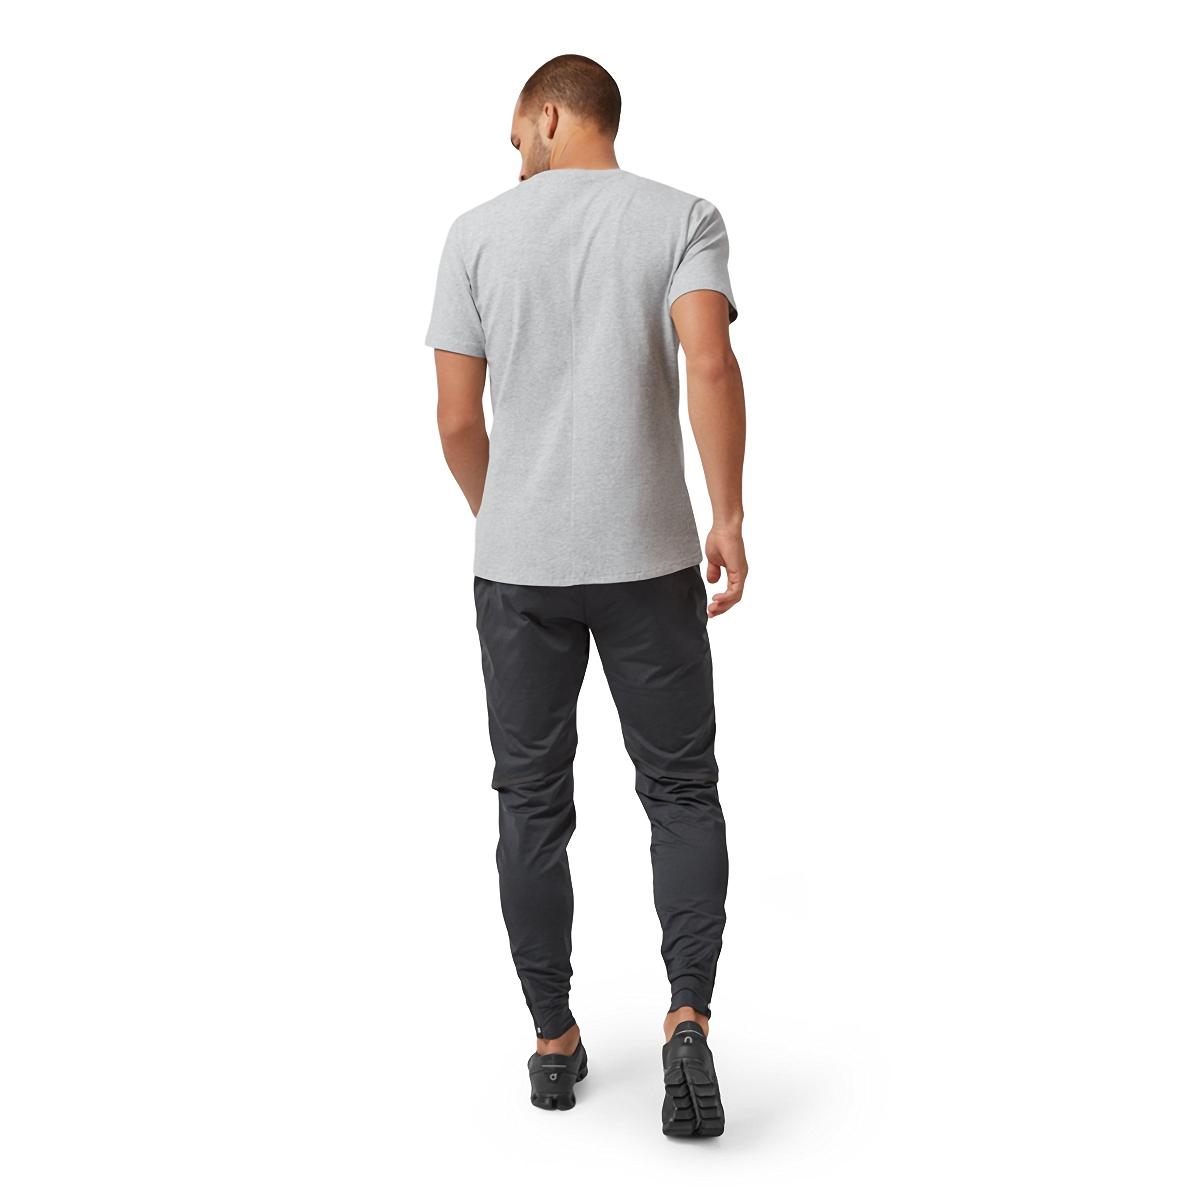 Men's On Running Pants - Color: Black - Size: S, Black, large, image 2